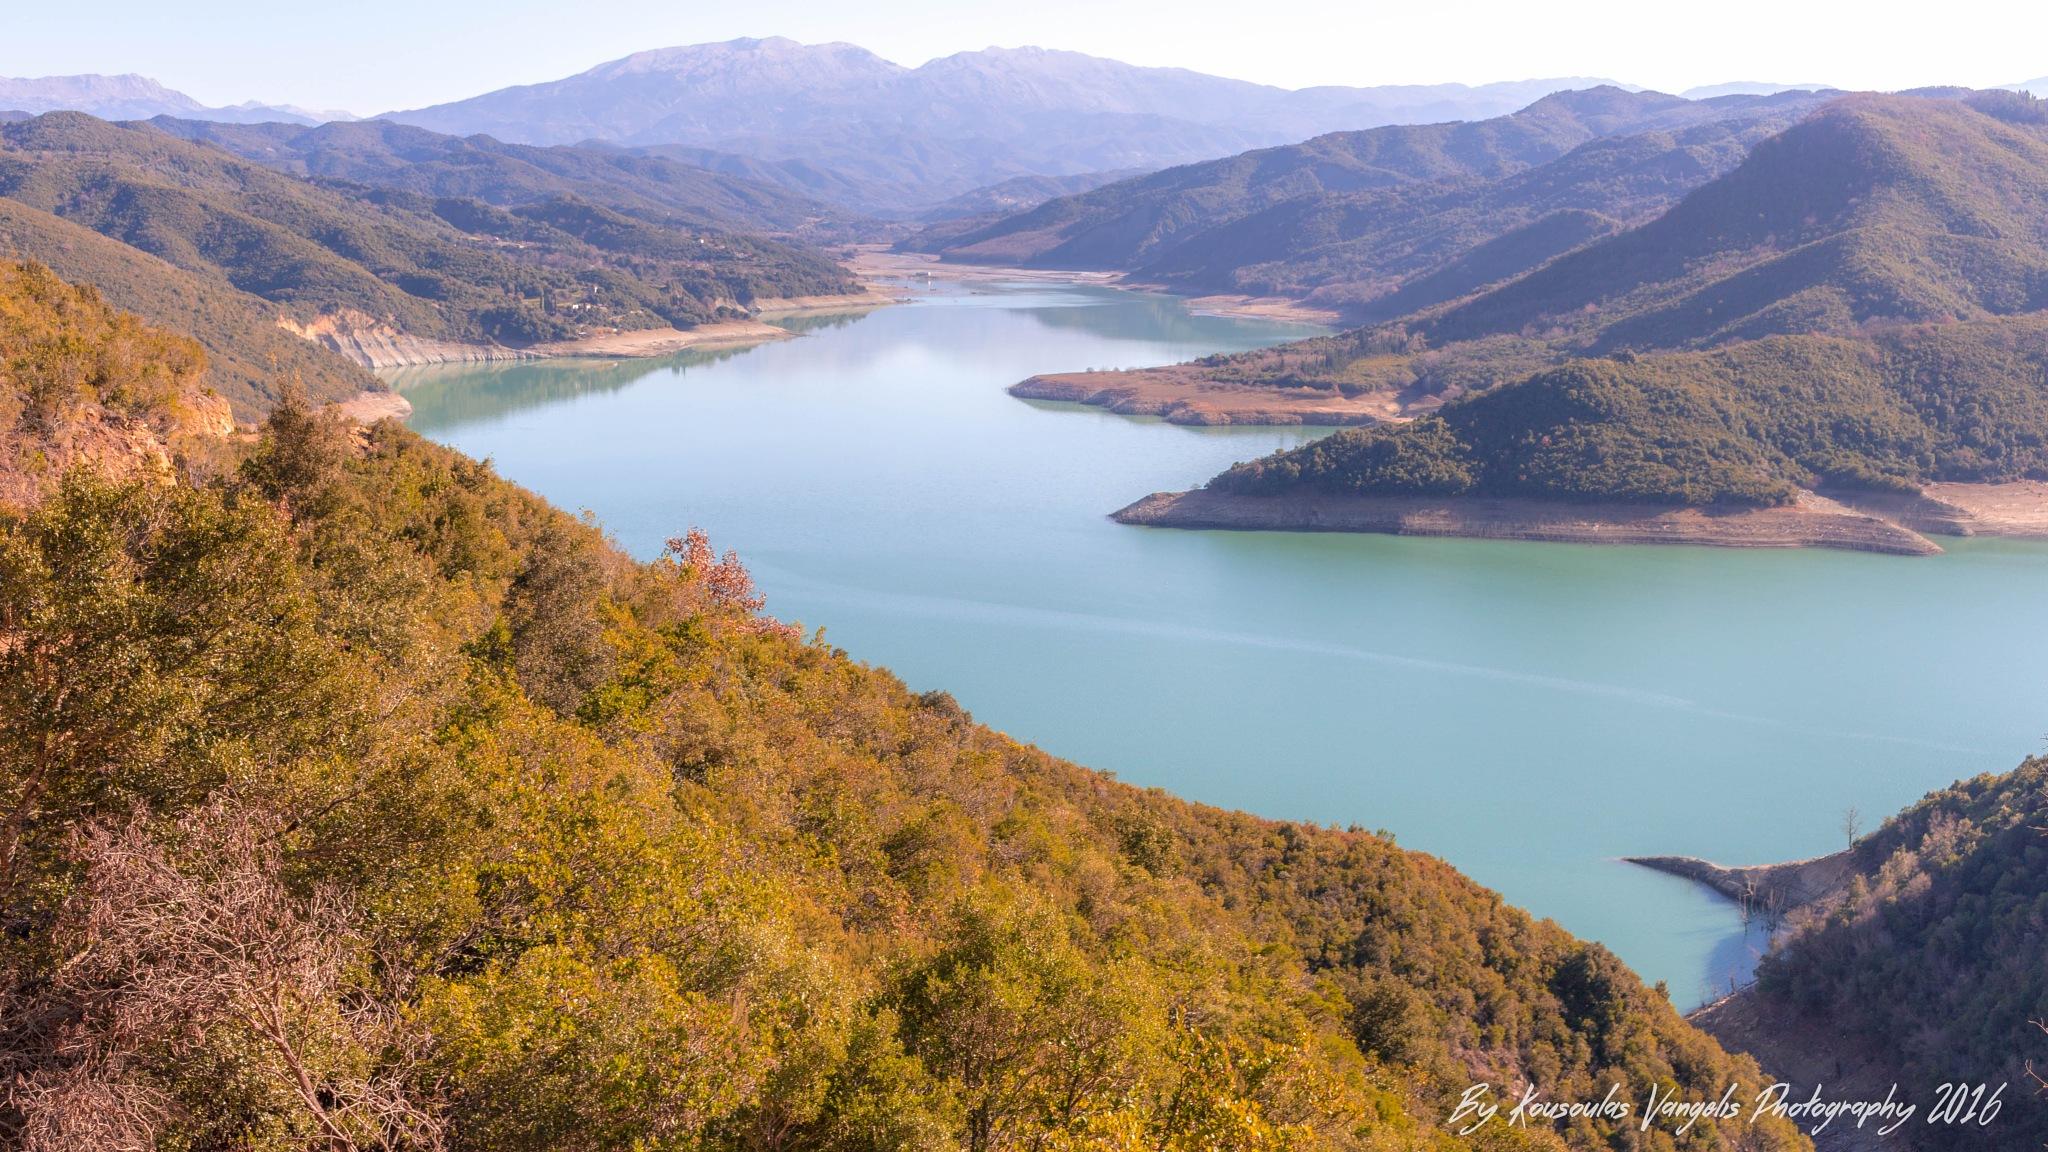 Lake dam Poyrnari Artas by kousoulas vangelis